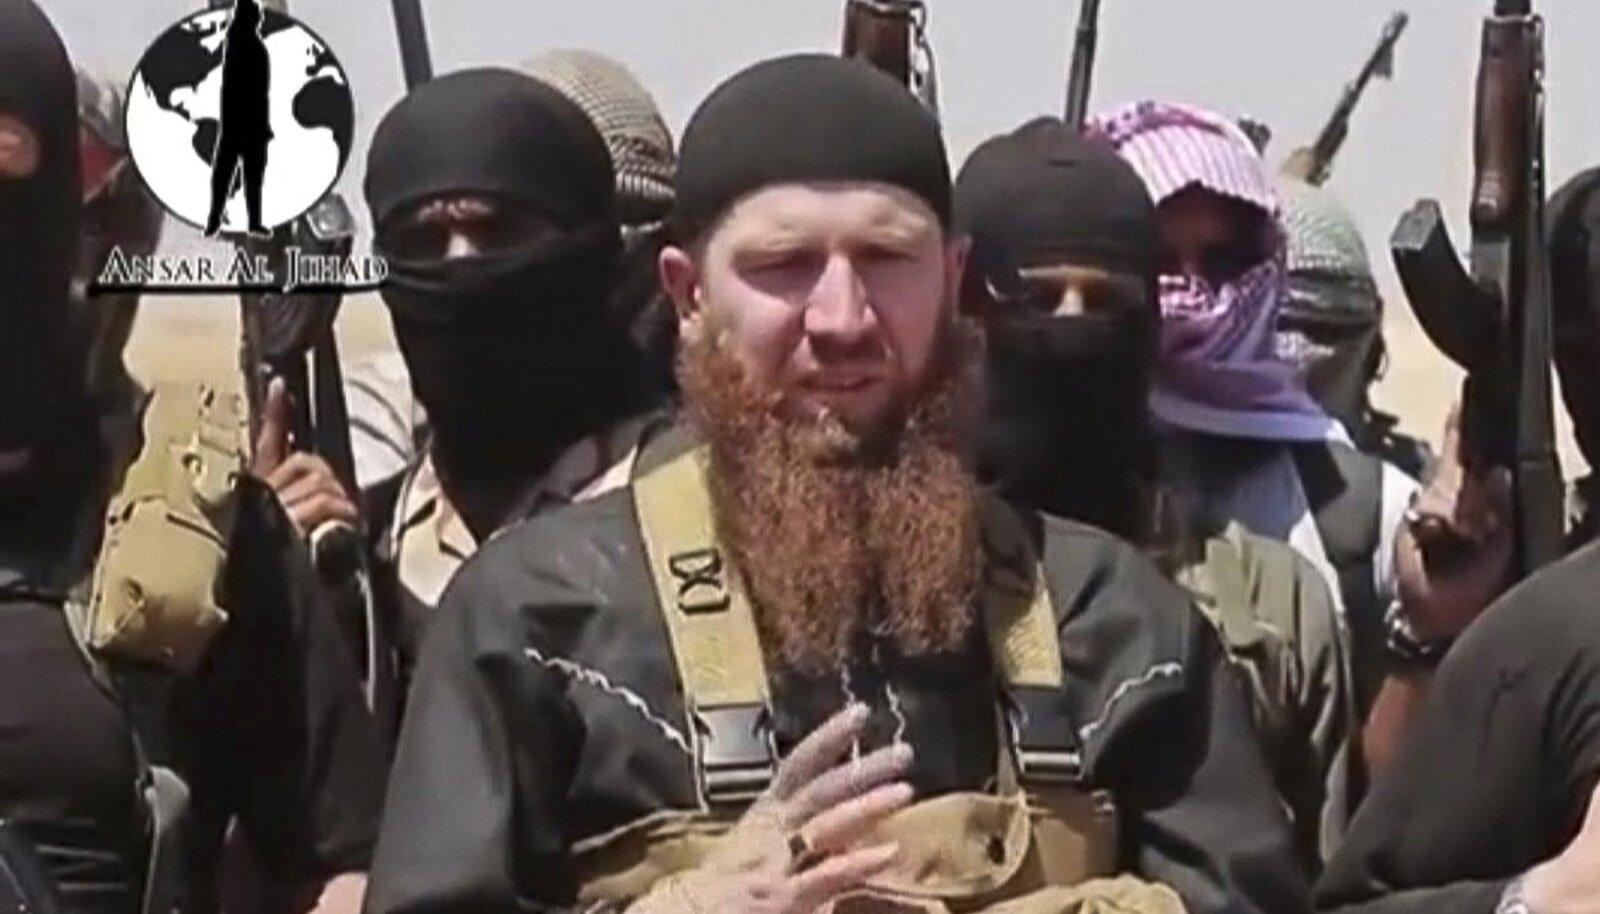 ISIS, al-Shishani